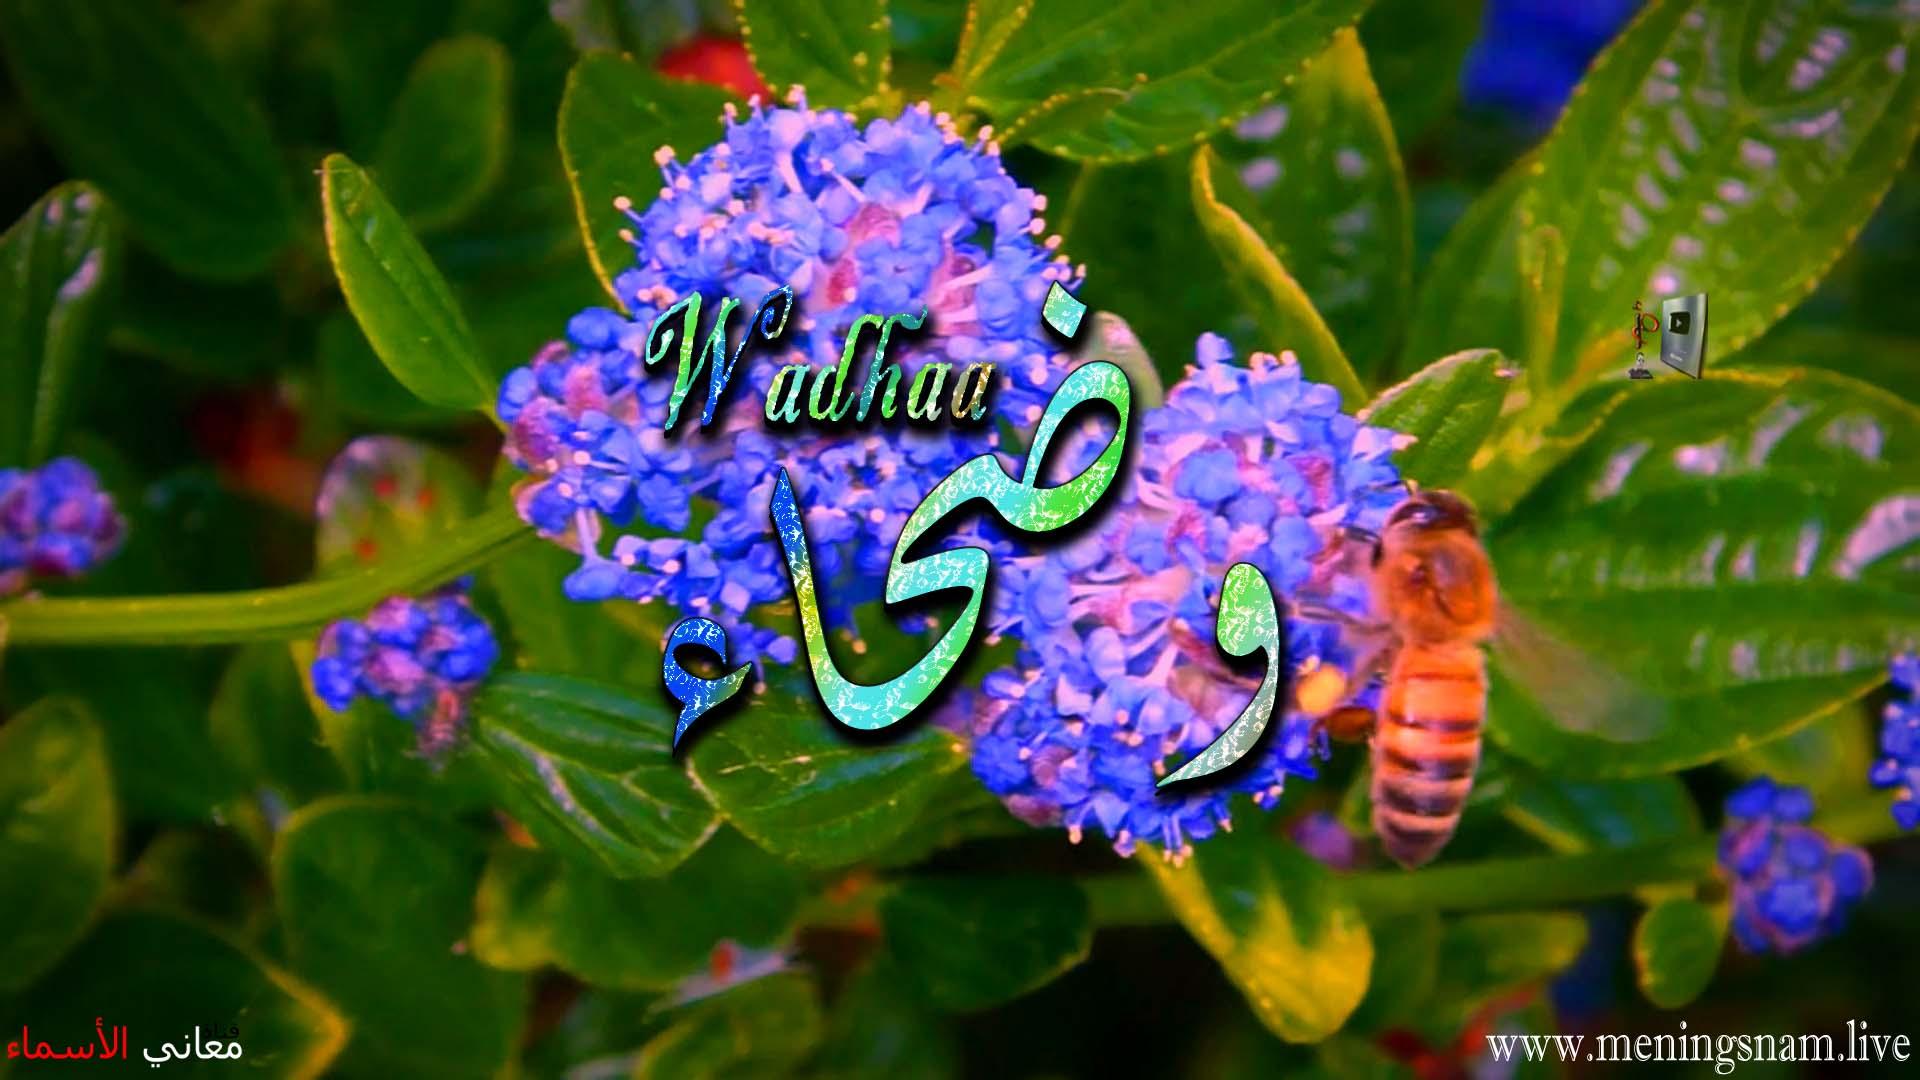 معنى اسم وضحاء وصفات حاملة هذا الاسم Wadhaa